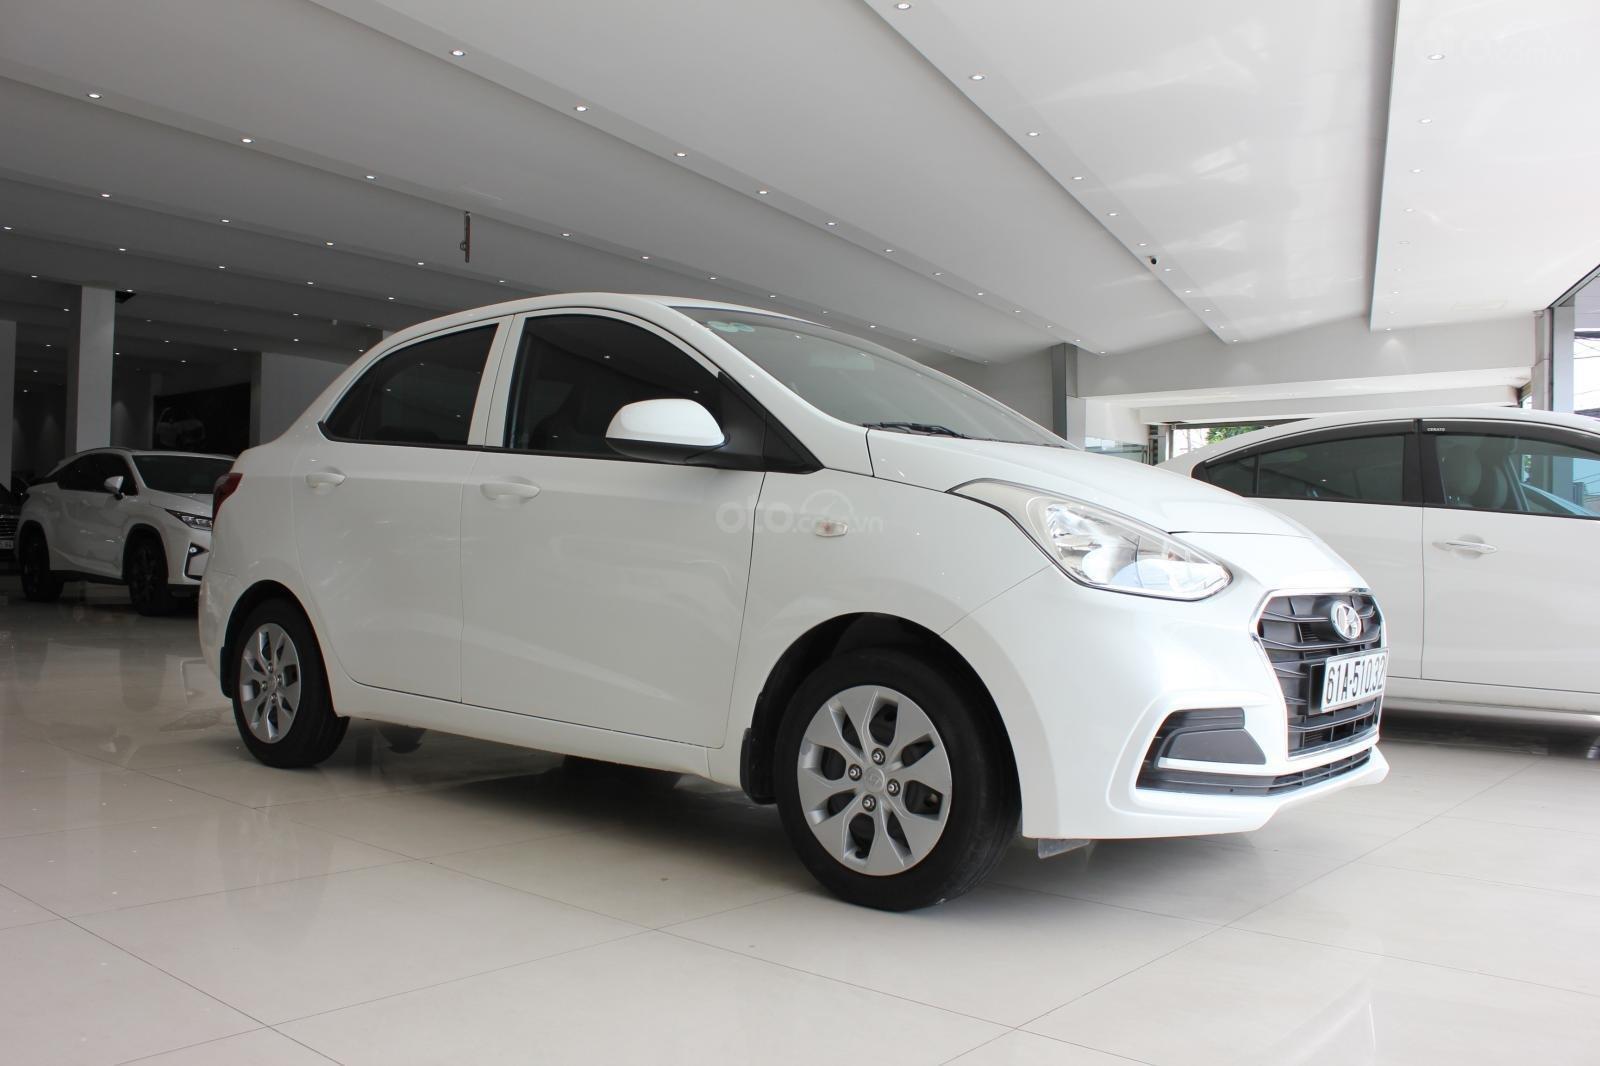 Cần bán xe Hyundai Grand i10 1.2 MT, năm 2018, màu trắng, giá 335tr (3)